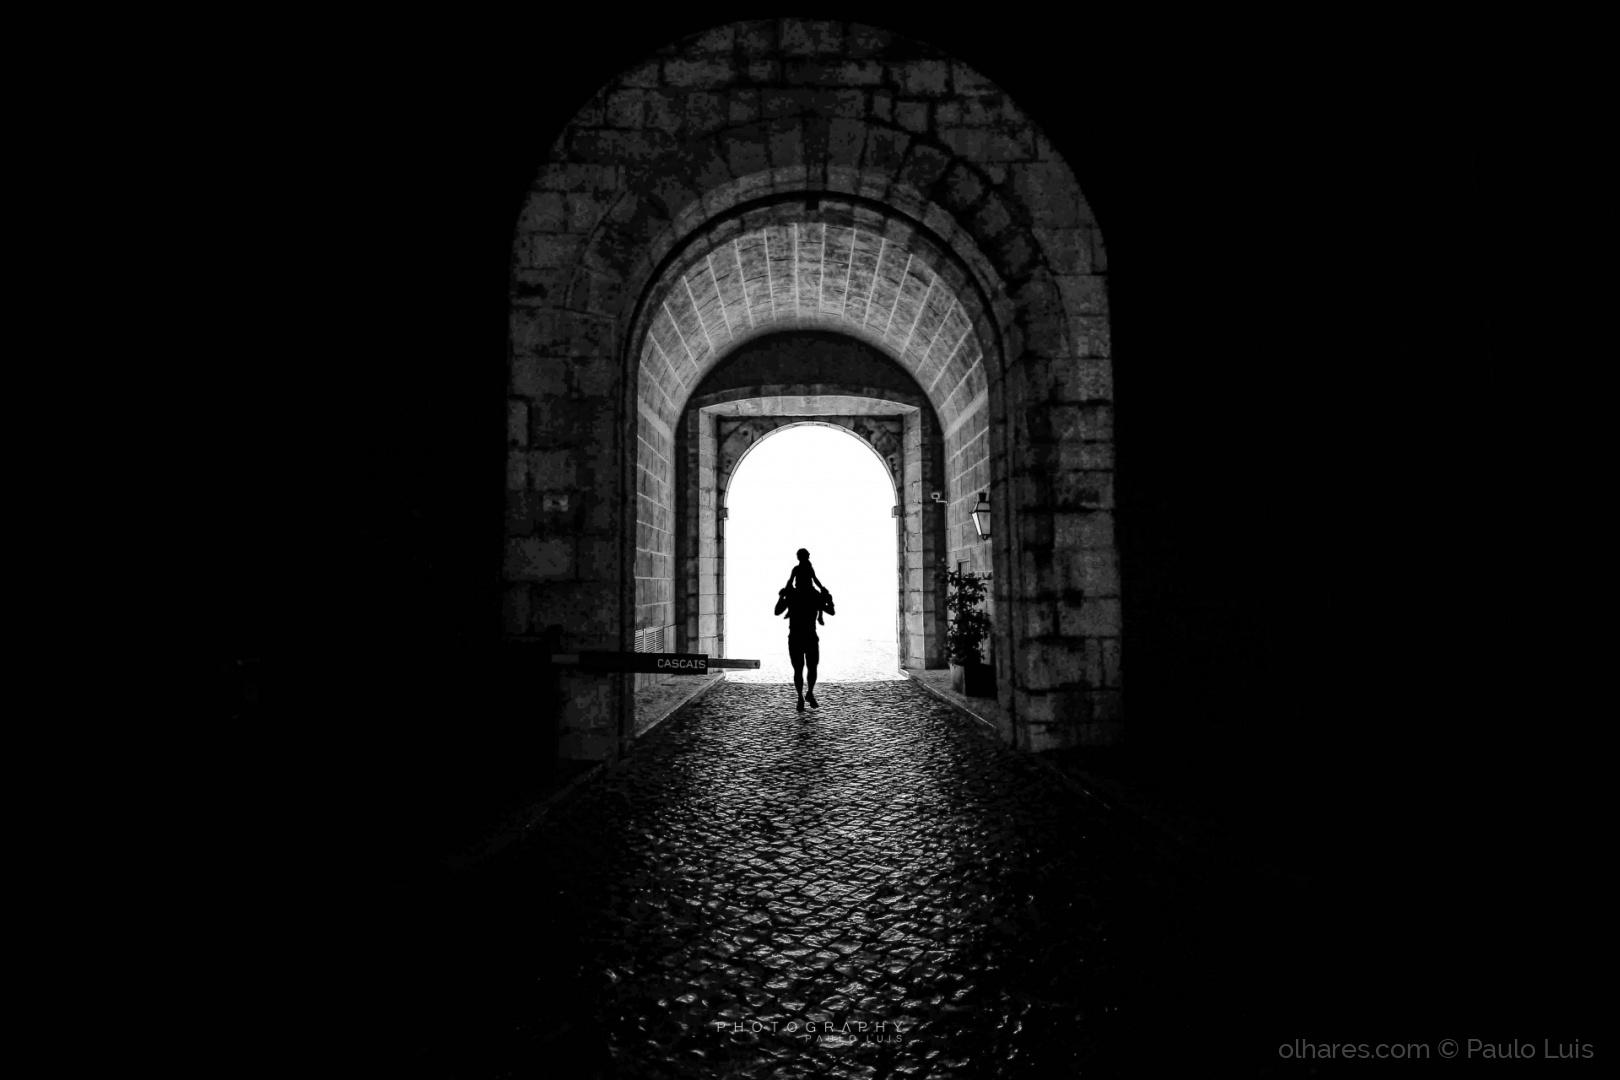 Gentes e Locais/The tunnel